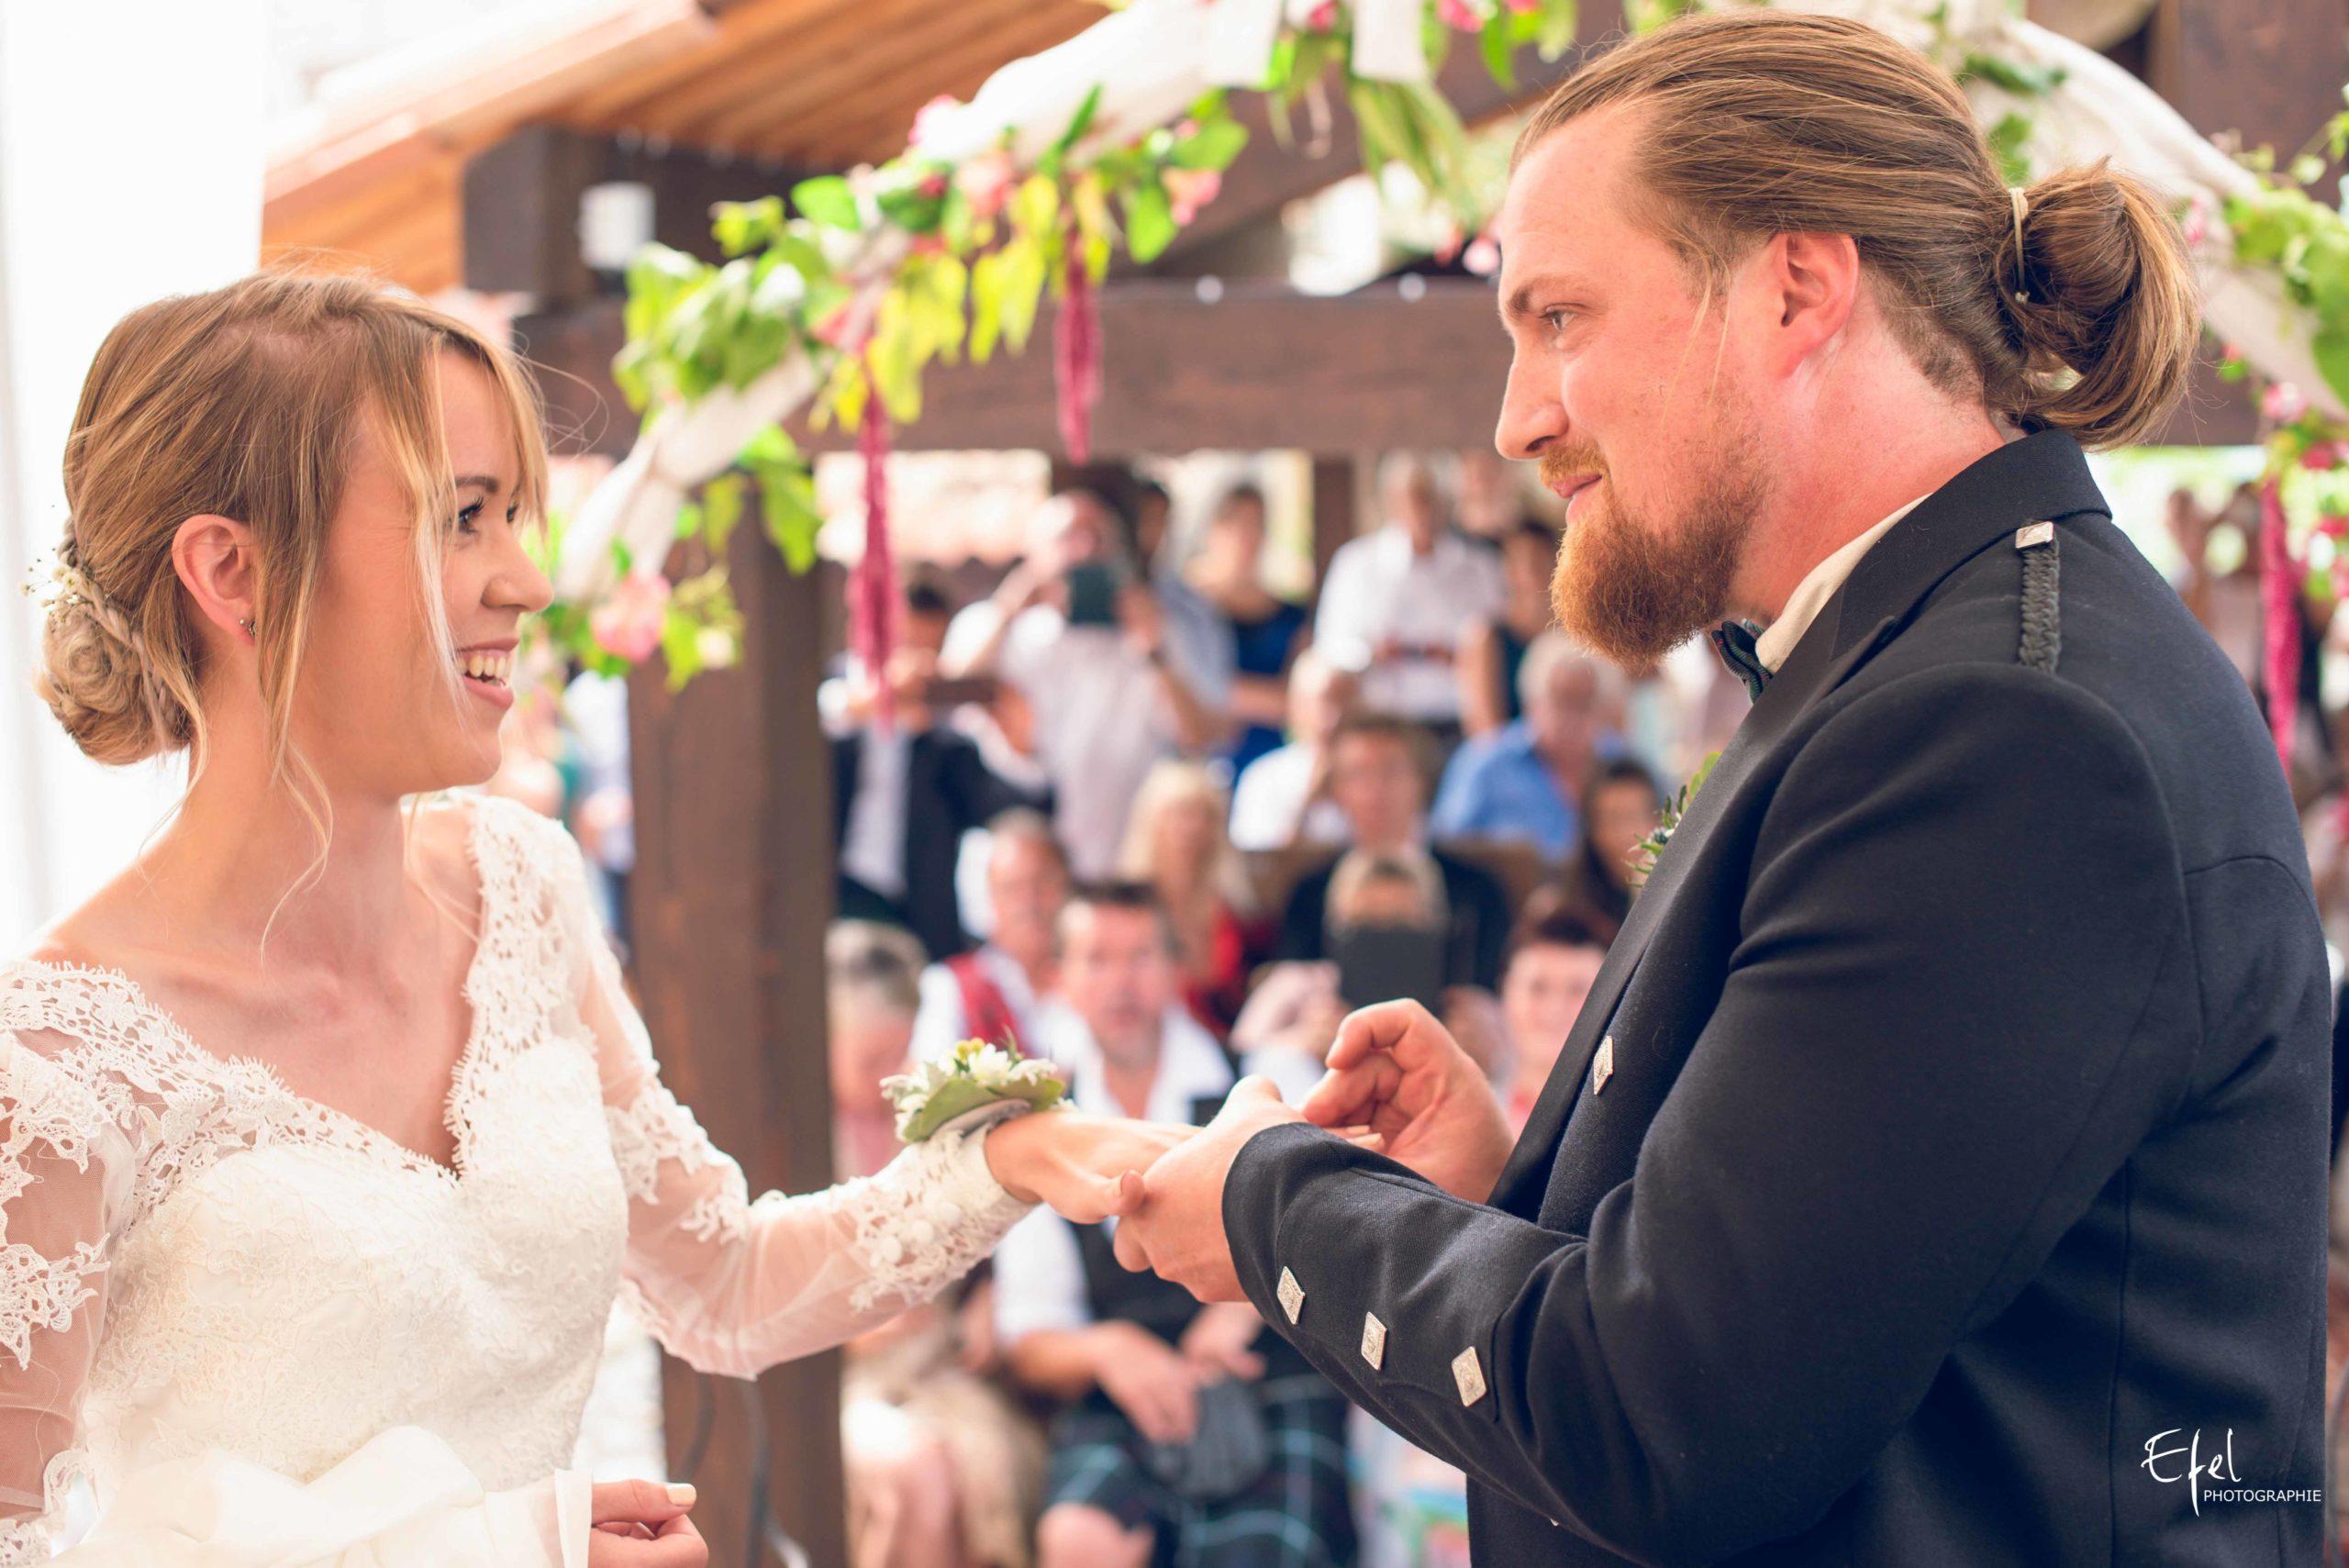 Les photos des préparatifs de la mariée pendant le reportage de mariage